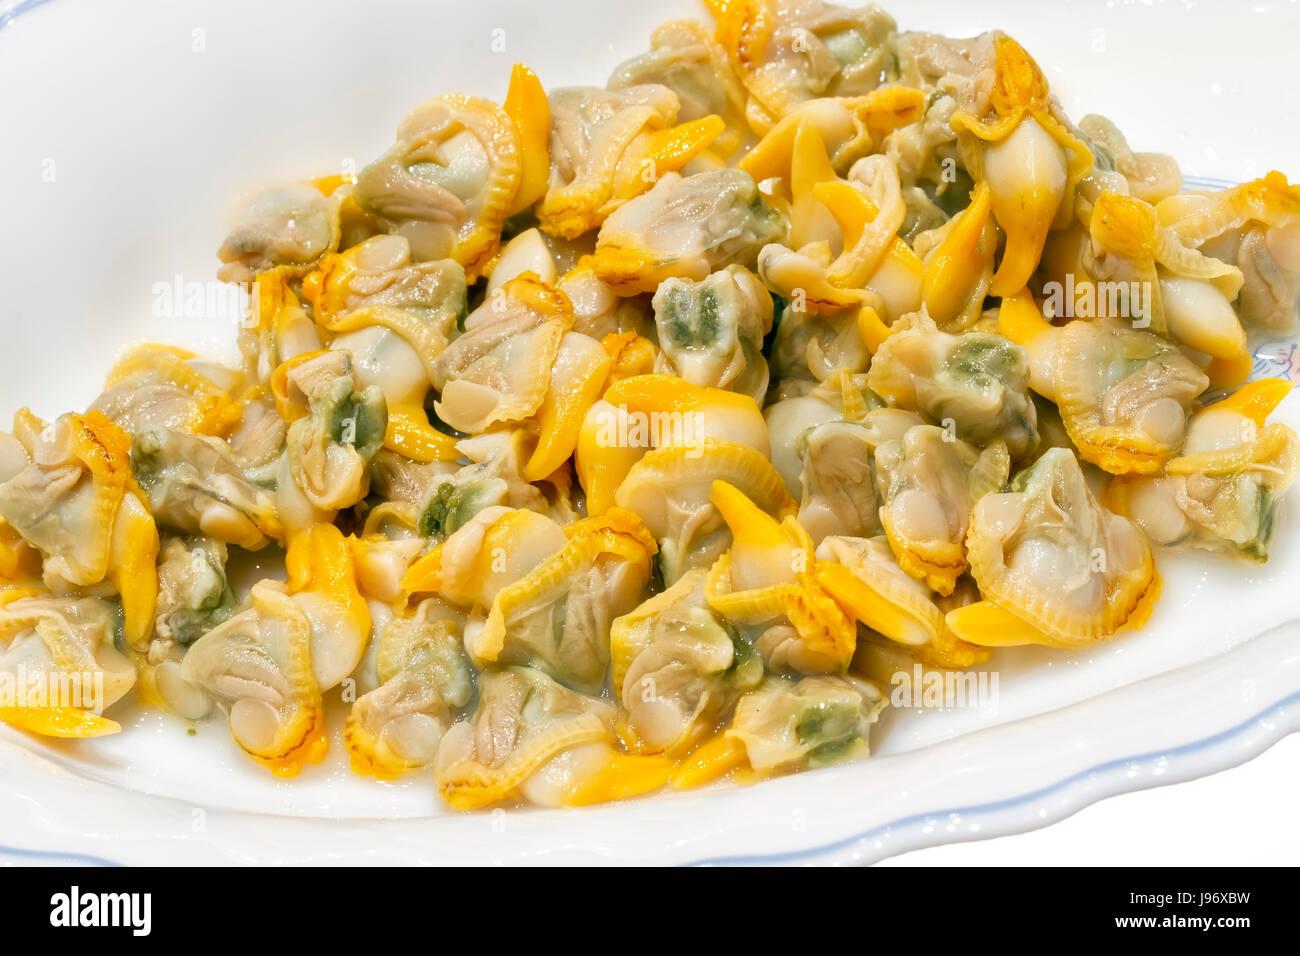 Cibo, aliment, molluschi, shell, materie, pesce commestibile, navy, marine, spagnolo Foto Stock